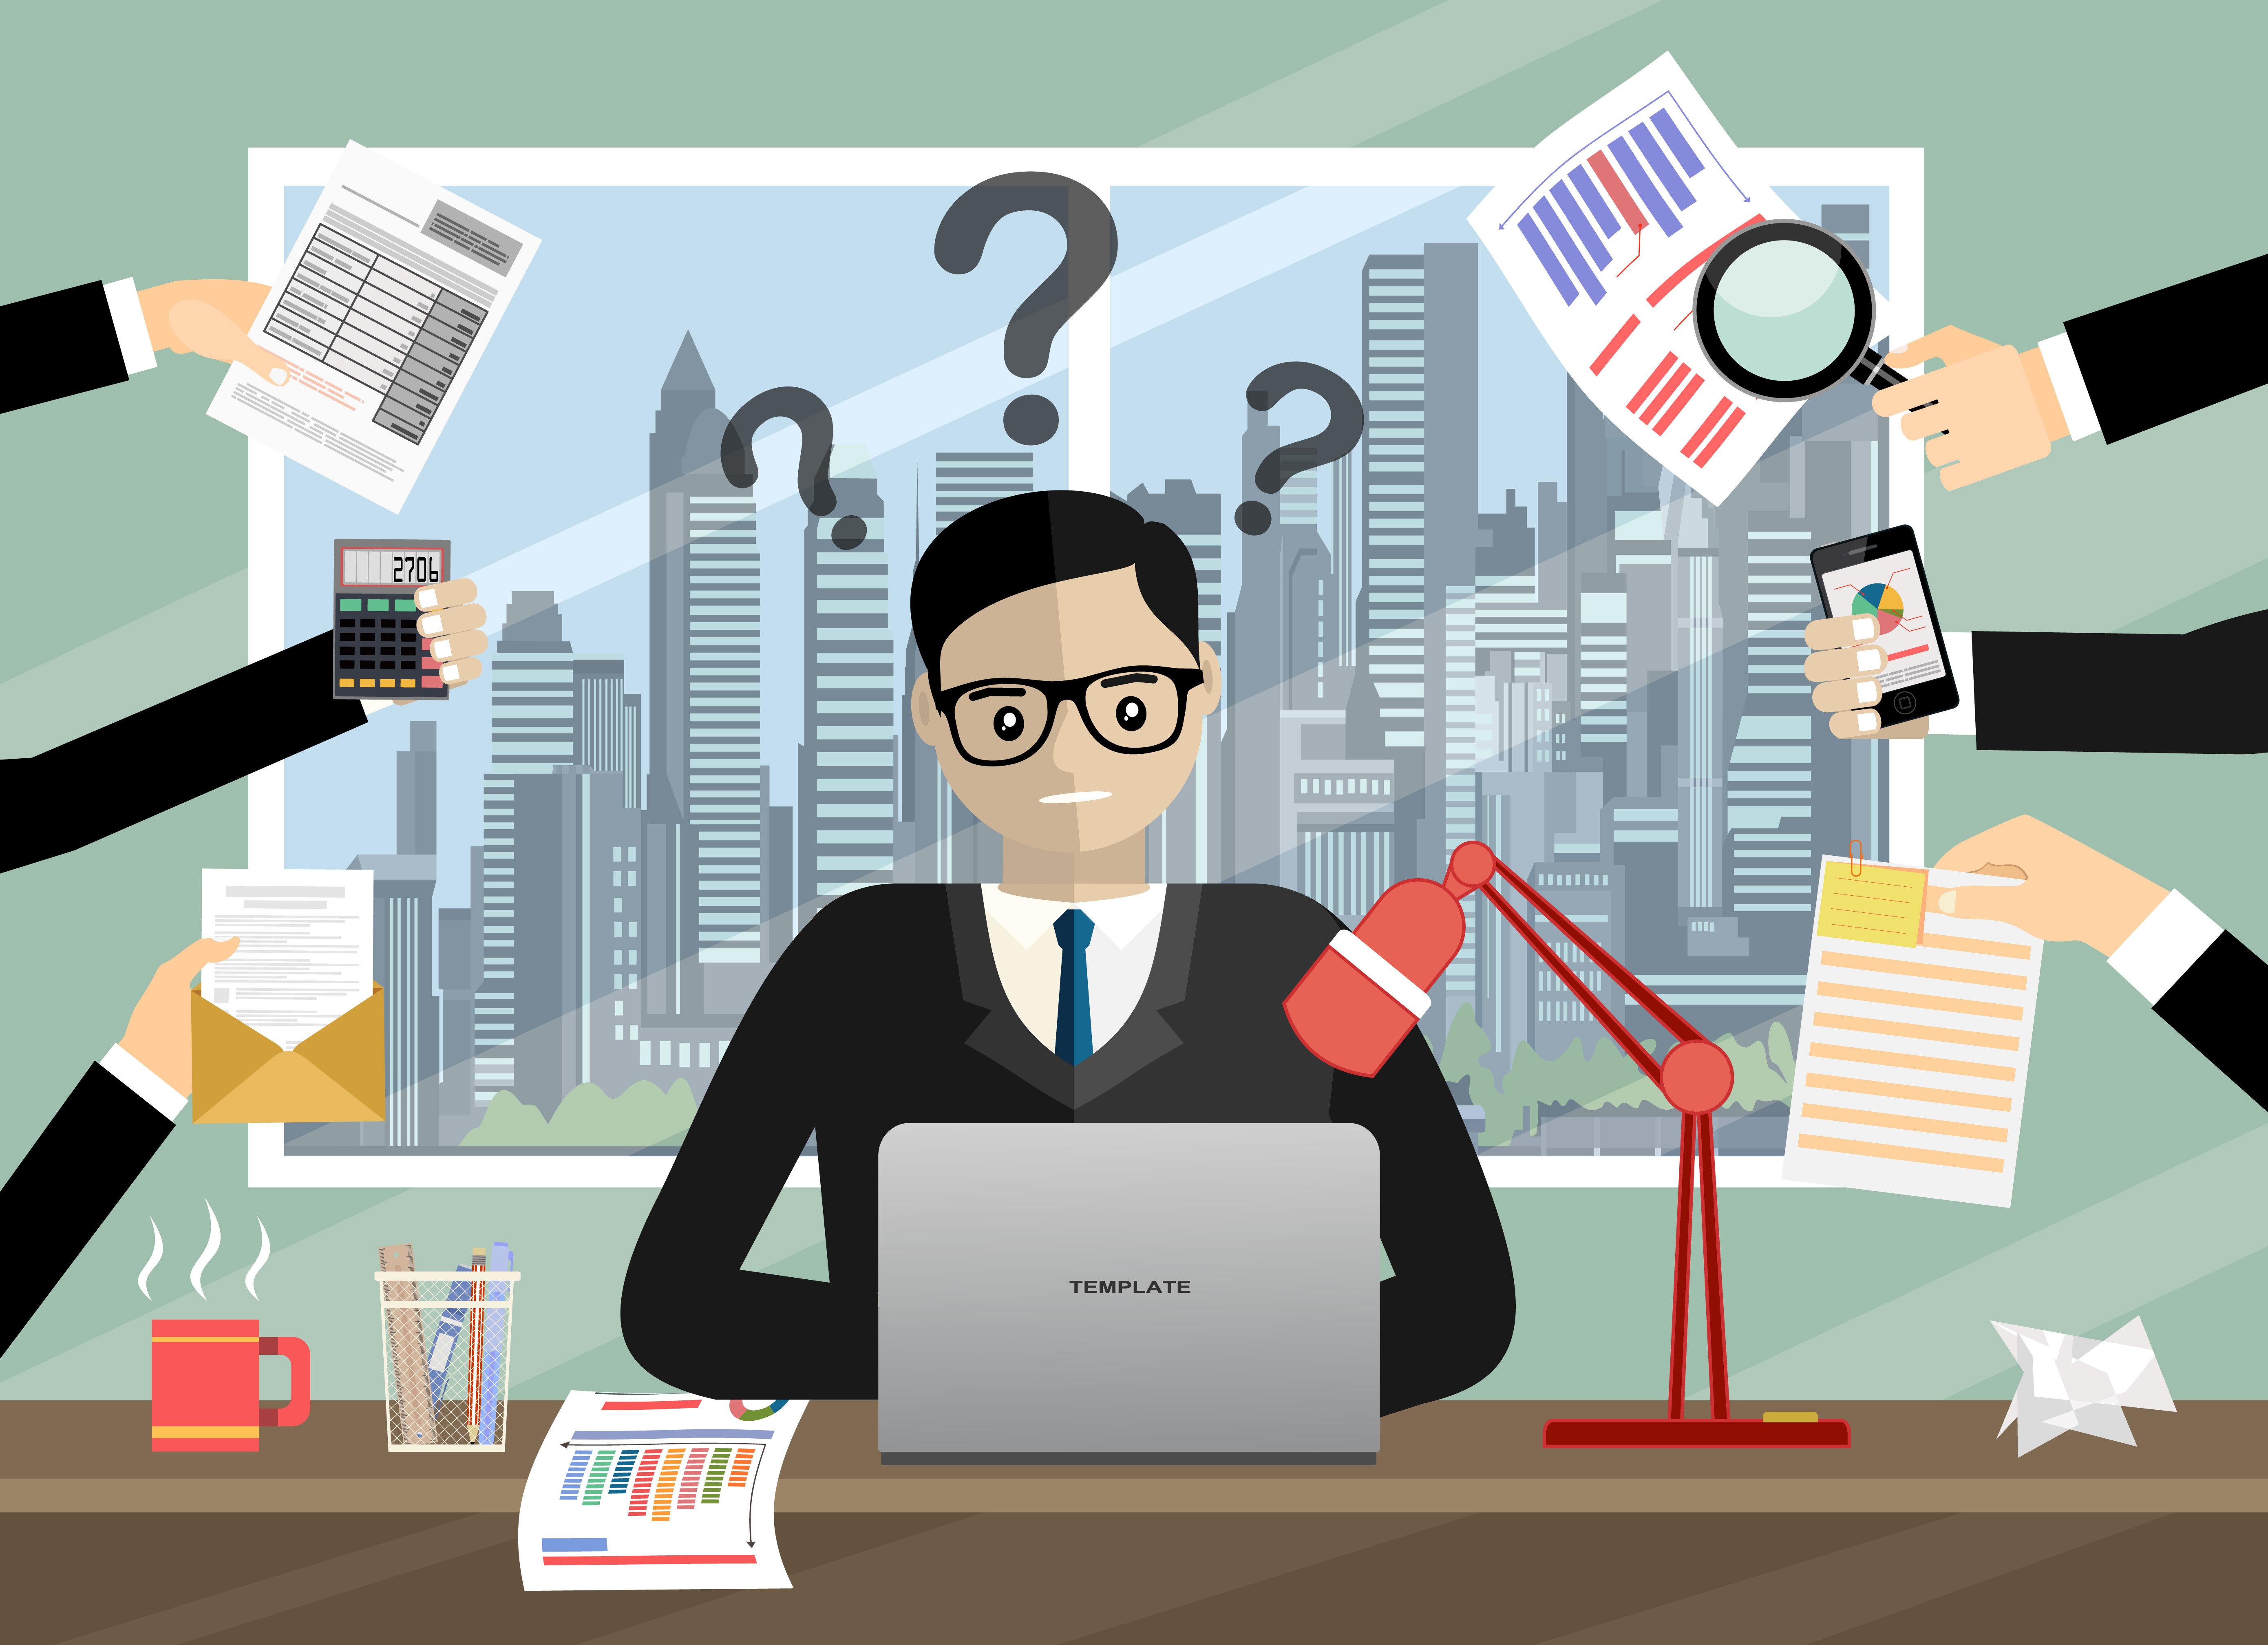 """""""Många upplever att multitasking som belönande. Man kommer en bit på vägen med varje uppgift, vilket är förstärkande. Men om man ser till slutresultatet får man mindre gjort."""""""